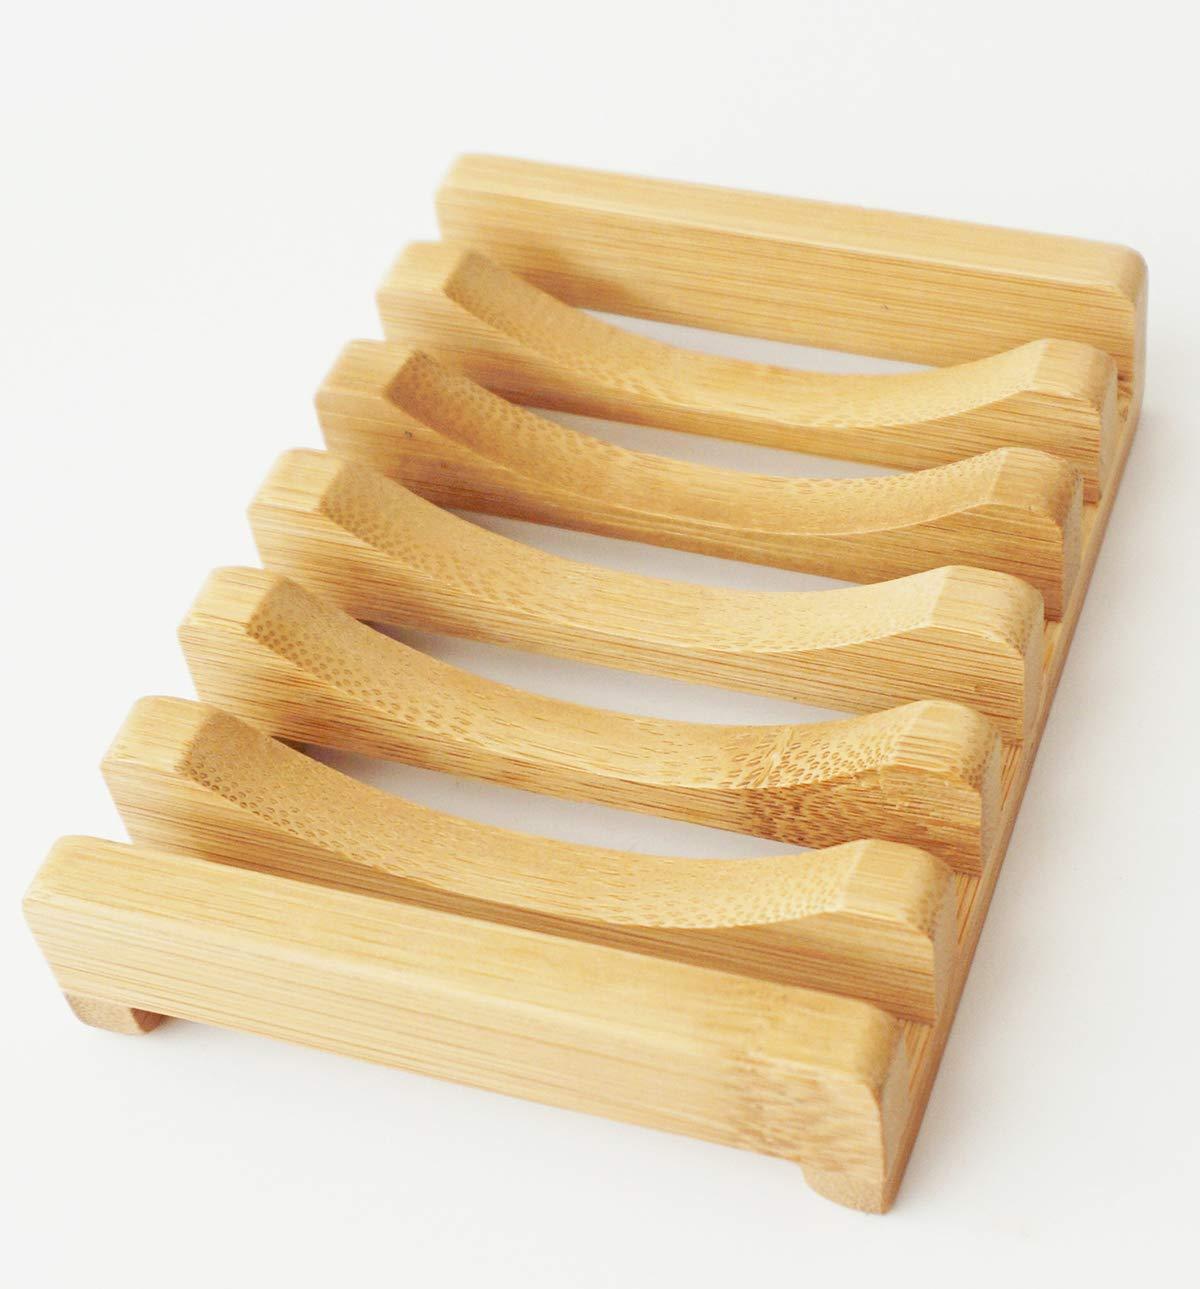 bamboo soap holder EL-190410004 Details 3